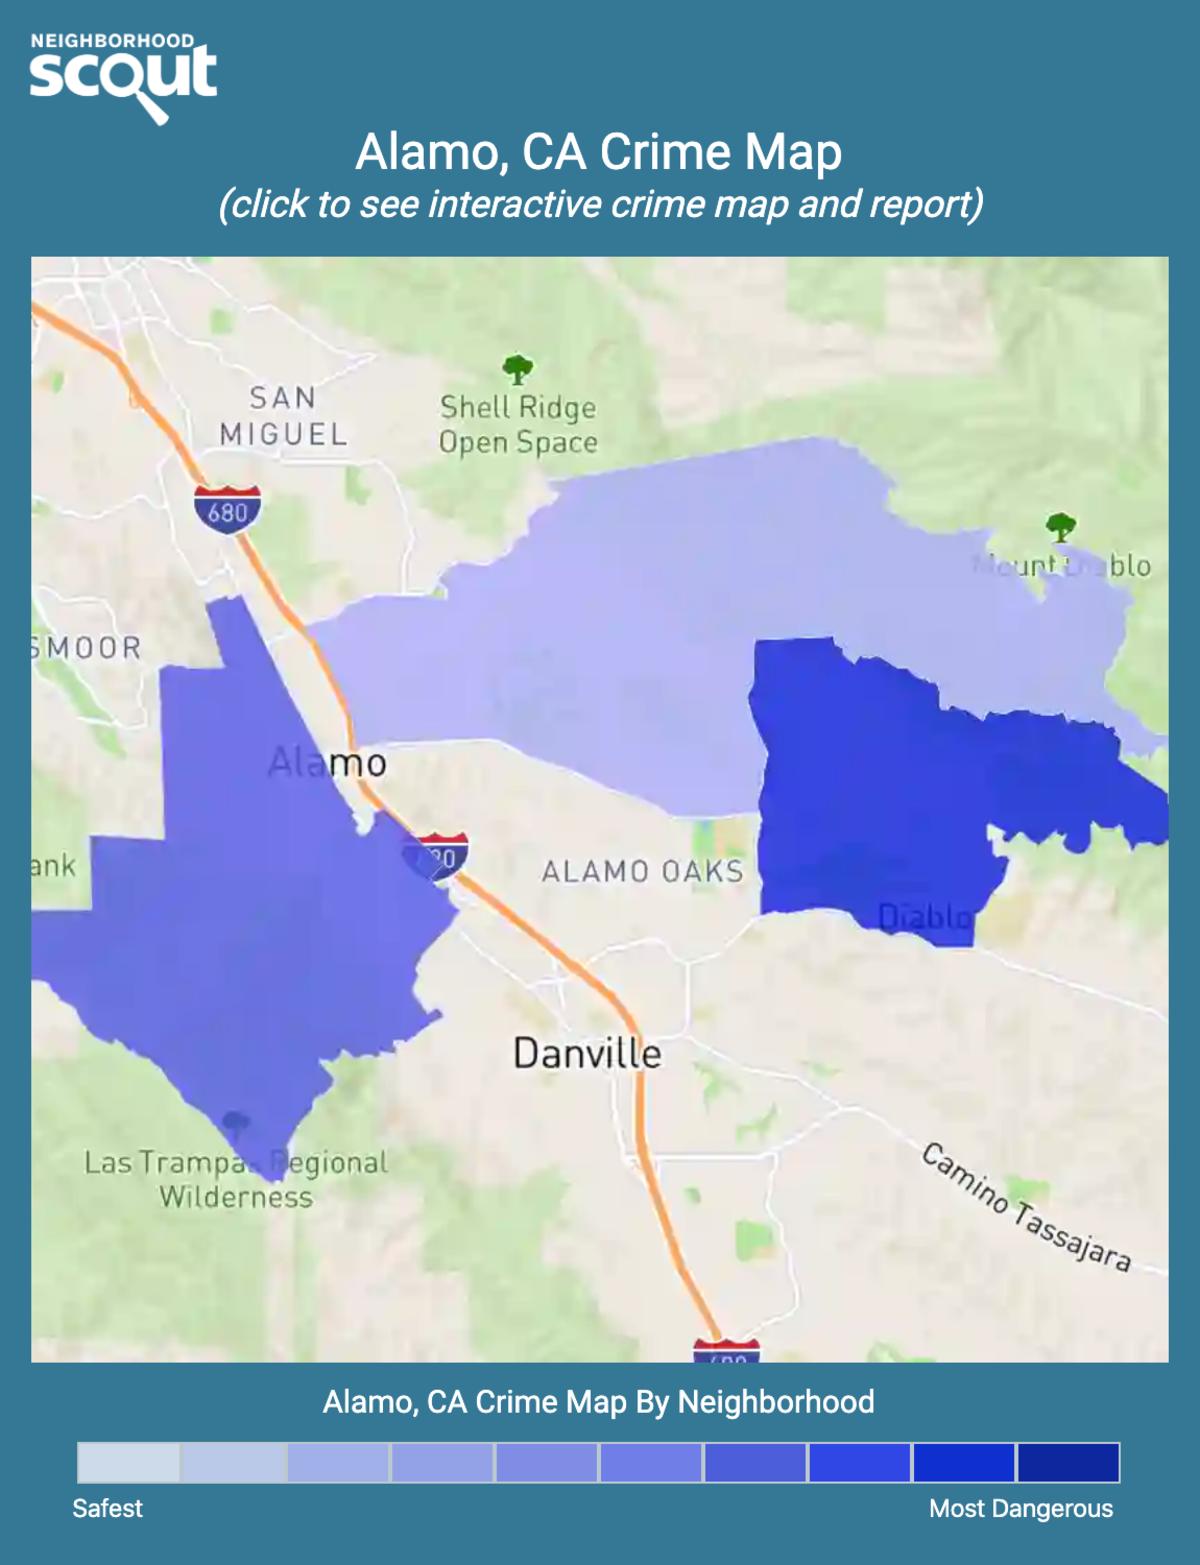 Alamo, California crime map